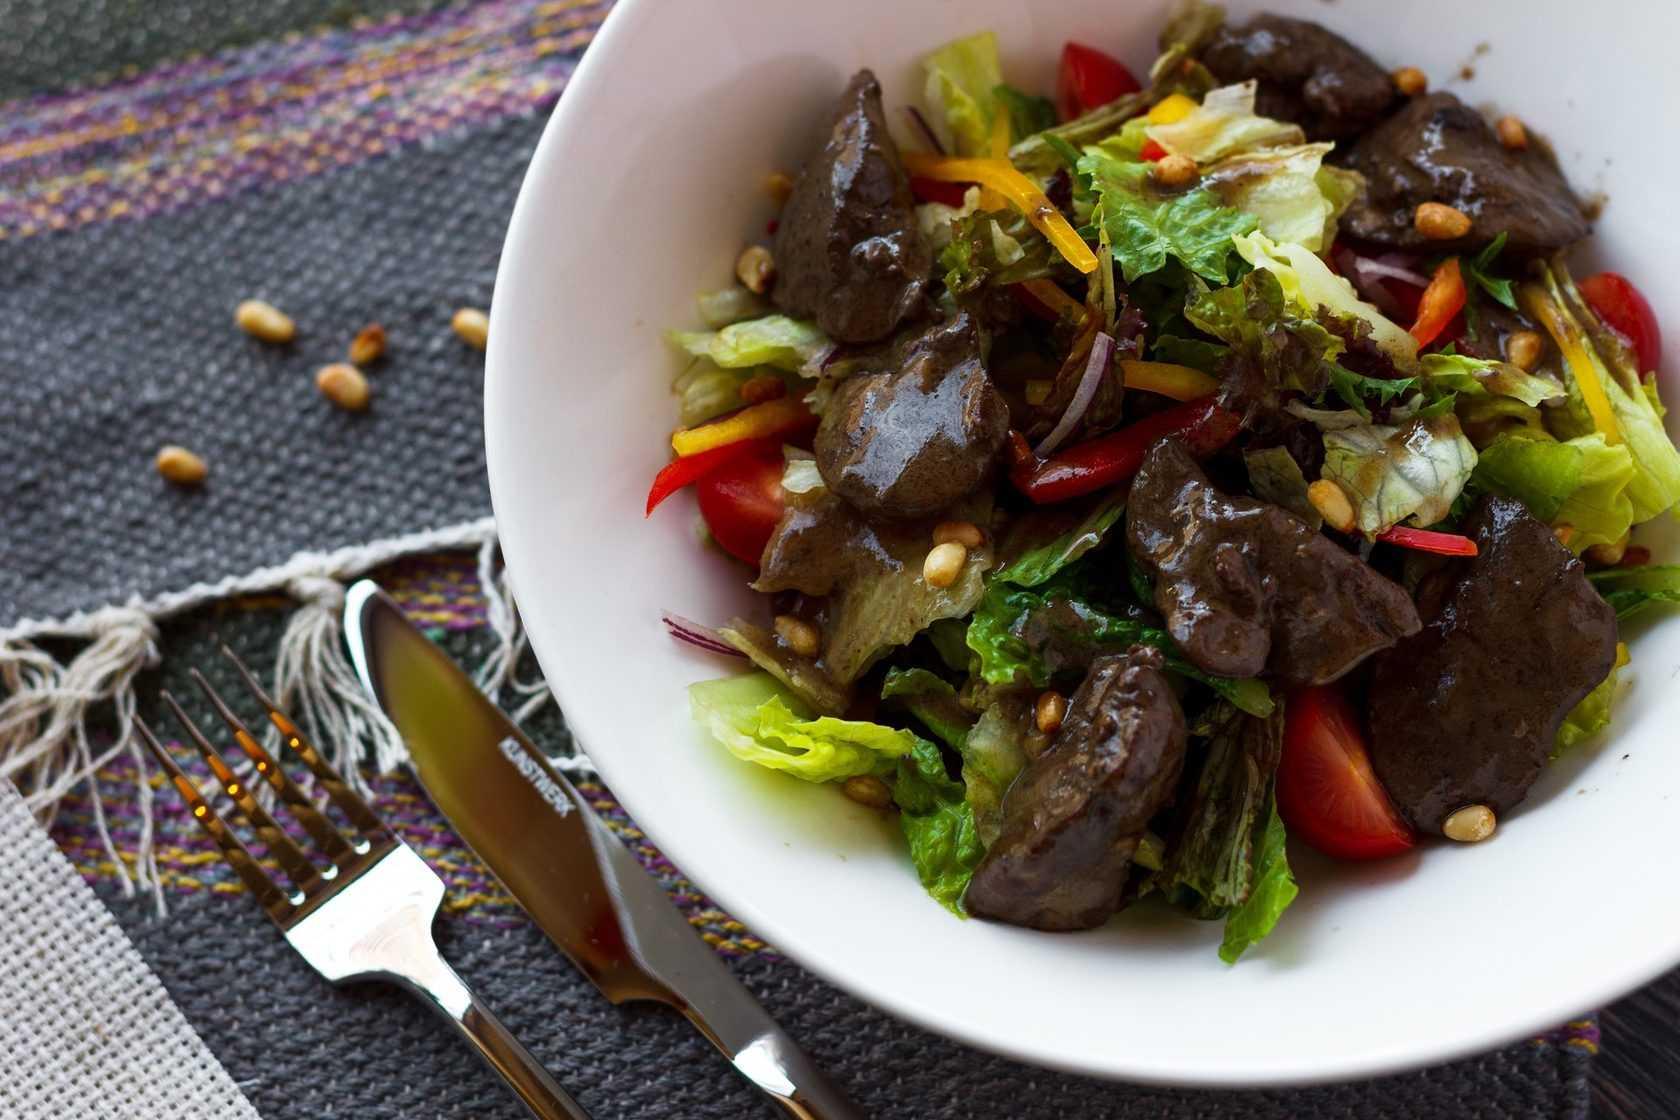 Салат «любимый». одинаковое название у двух совершенно разных салатов